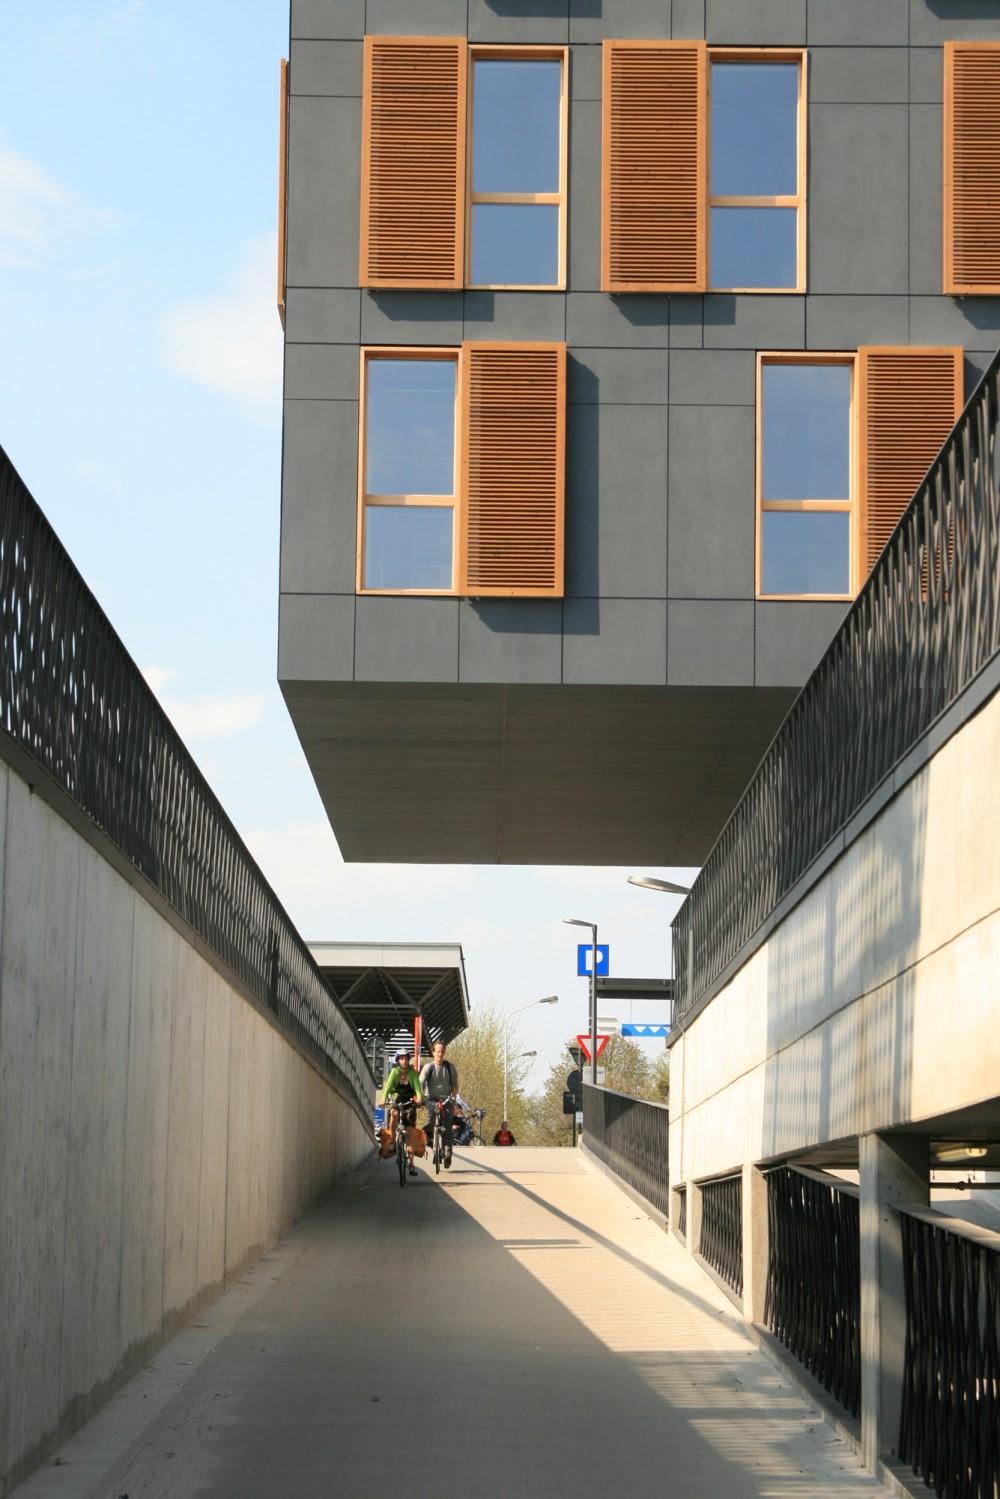 Abscis Architecten - De architectuur bestaat uit strakke vezelcementplaten gecombineerd met warme houten ramen en mobiele zonnewering – fotografie Abscis Architecten